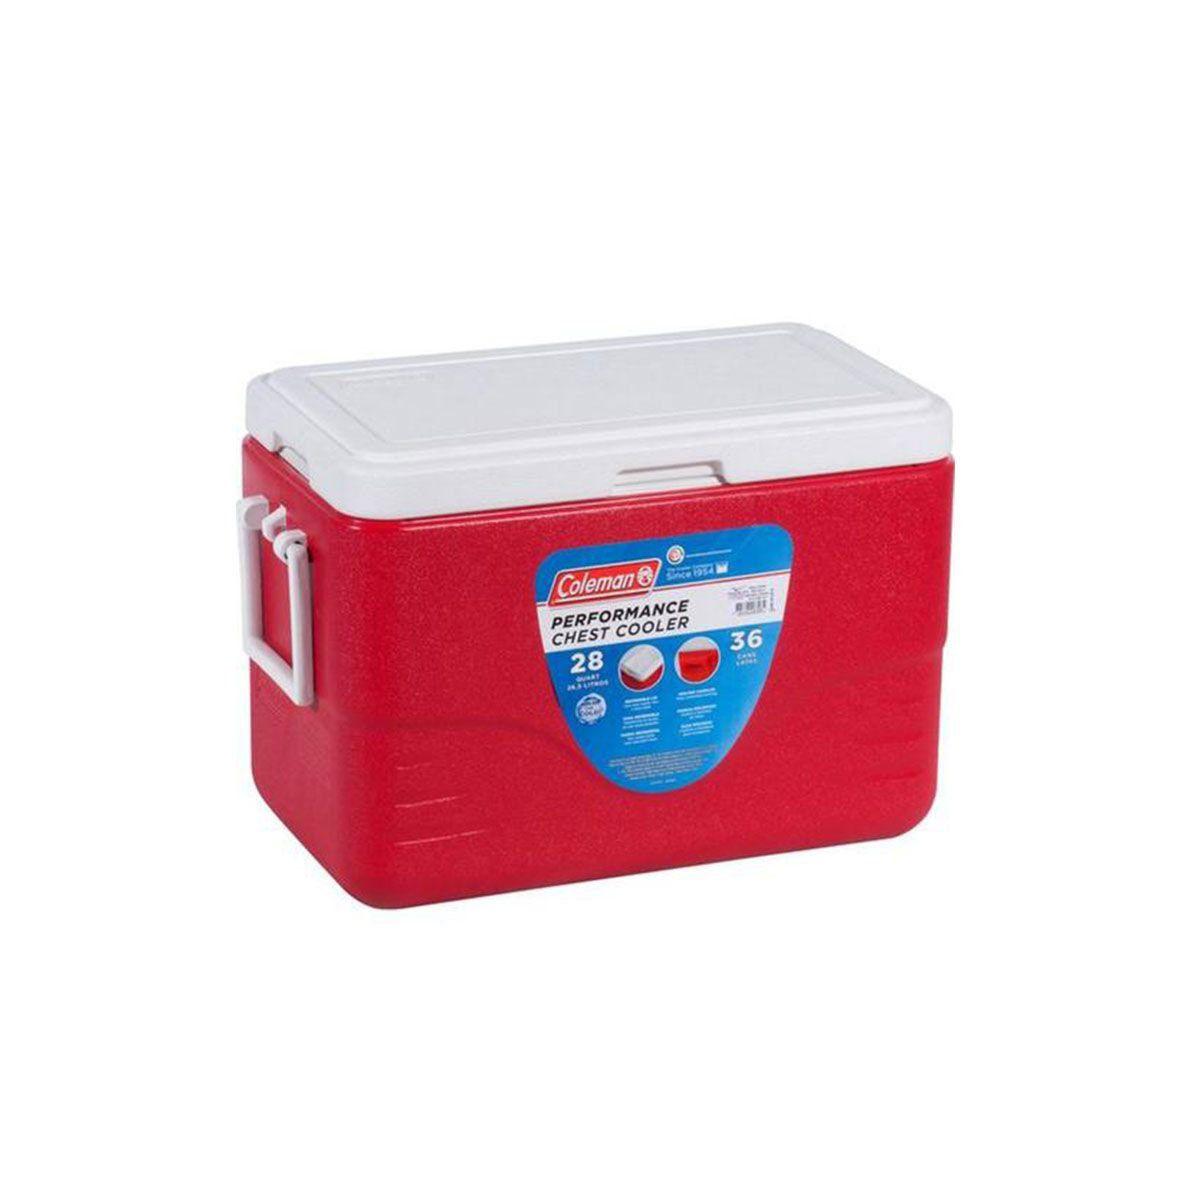 Caixa Térmica / Cooler Coleman 28QT (26,5L) 36 Latas